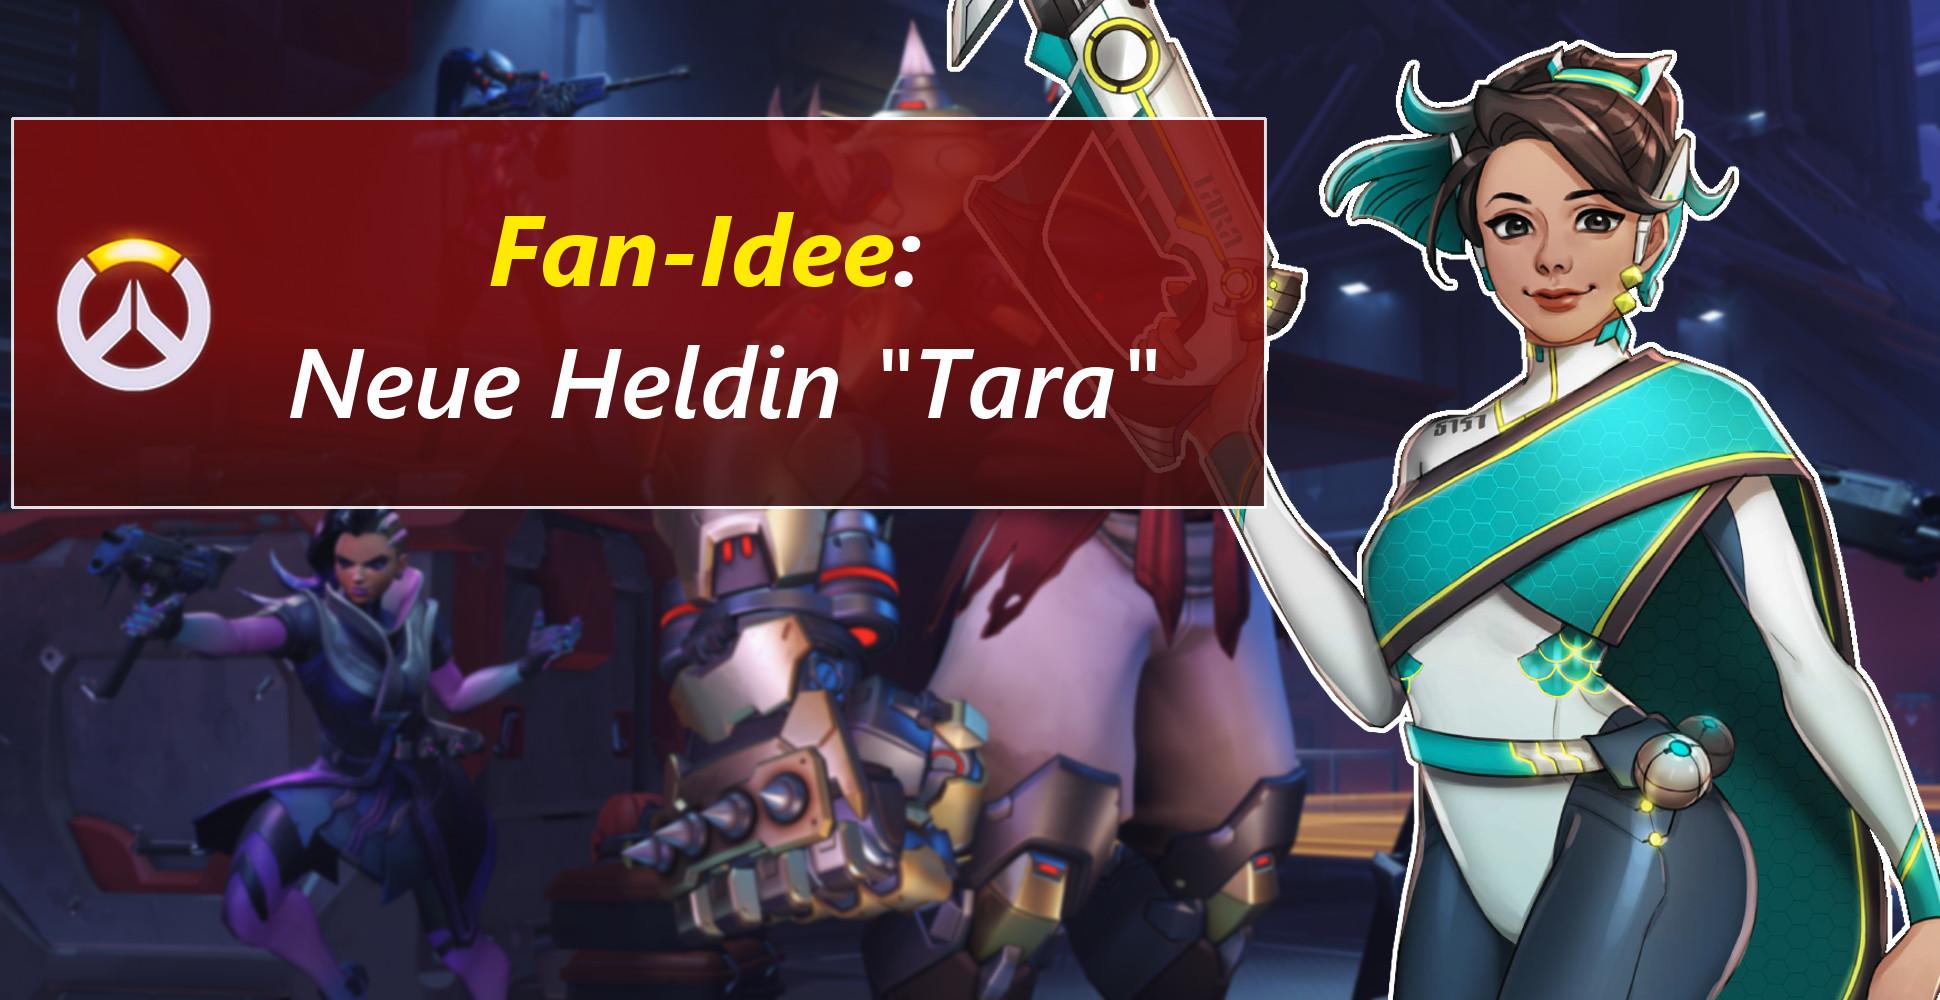 Overwatch-Chef Kaplan lobt dieses Fan-Konzept einer neuen Heldin!